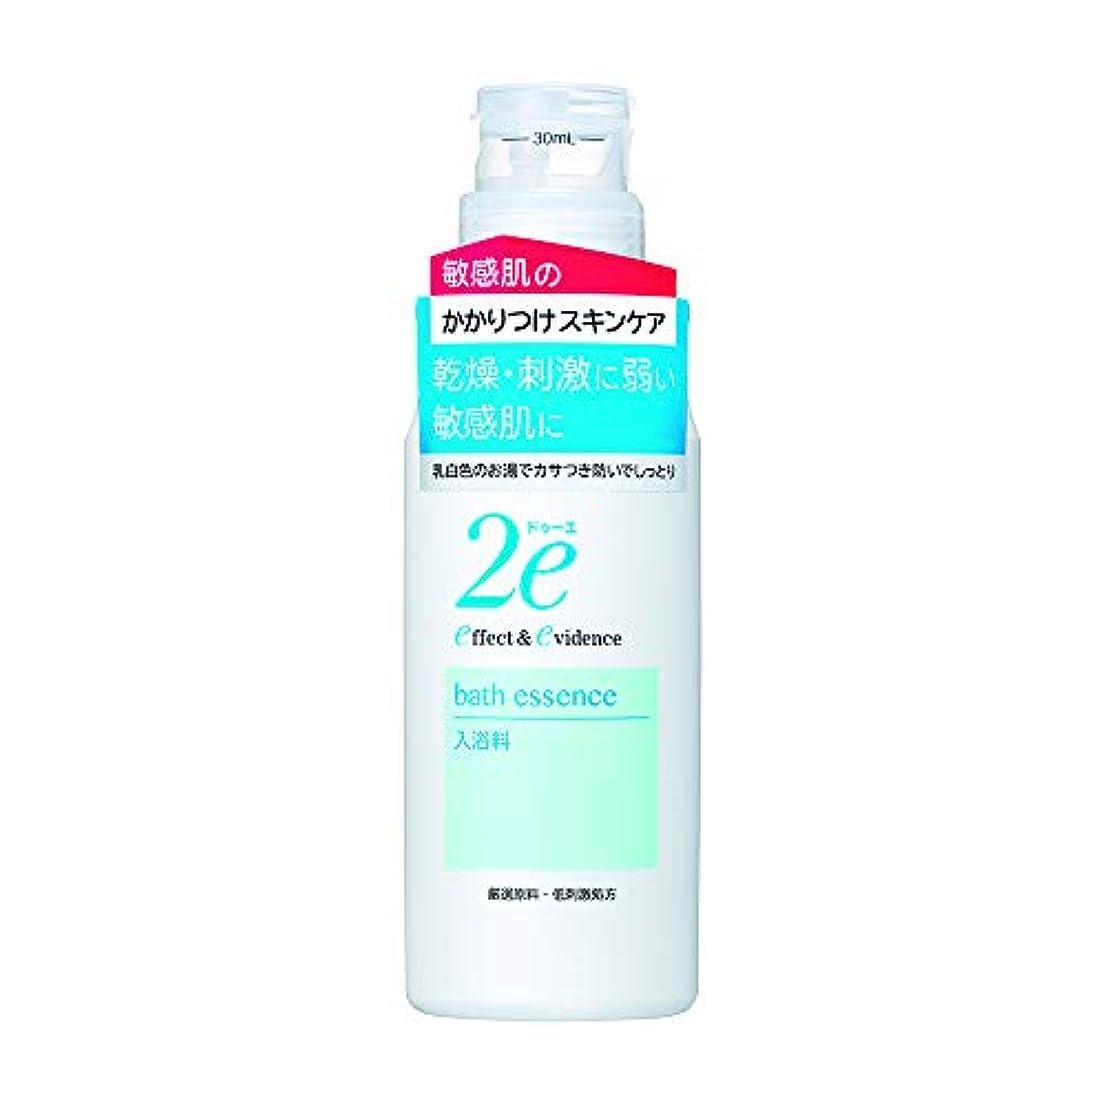 コックニコチン項目2e(ドゥーエ) ドゥーエ 入浴料 入浴剤 420ml